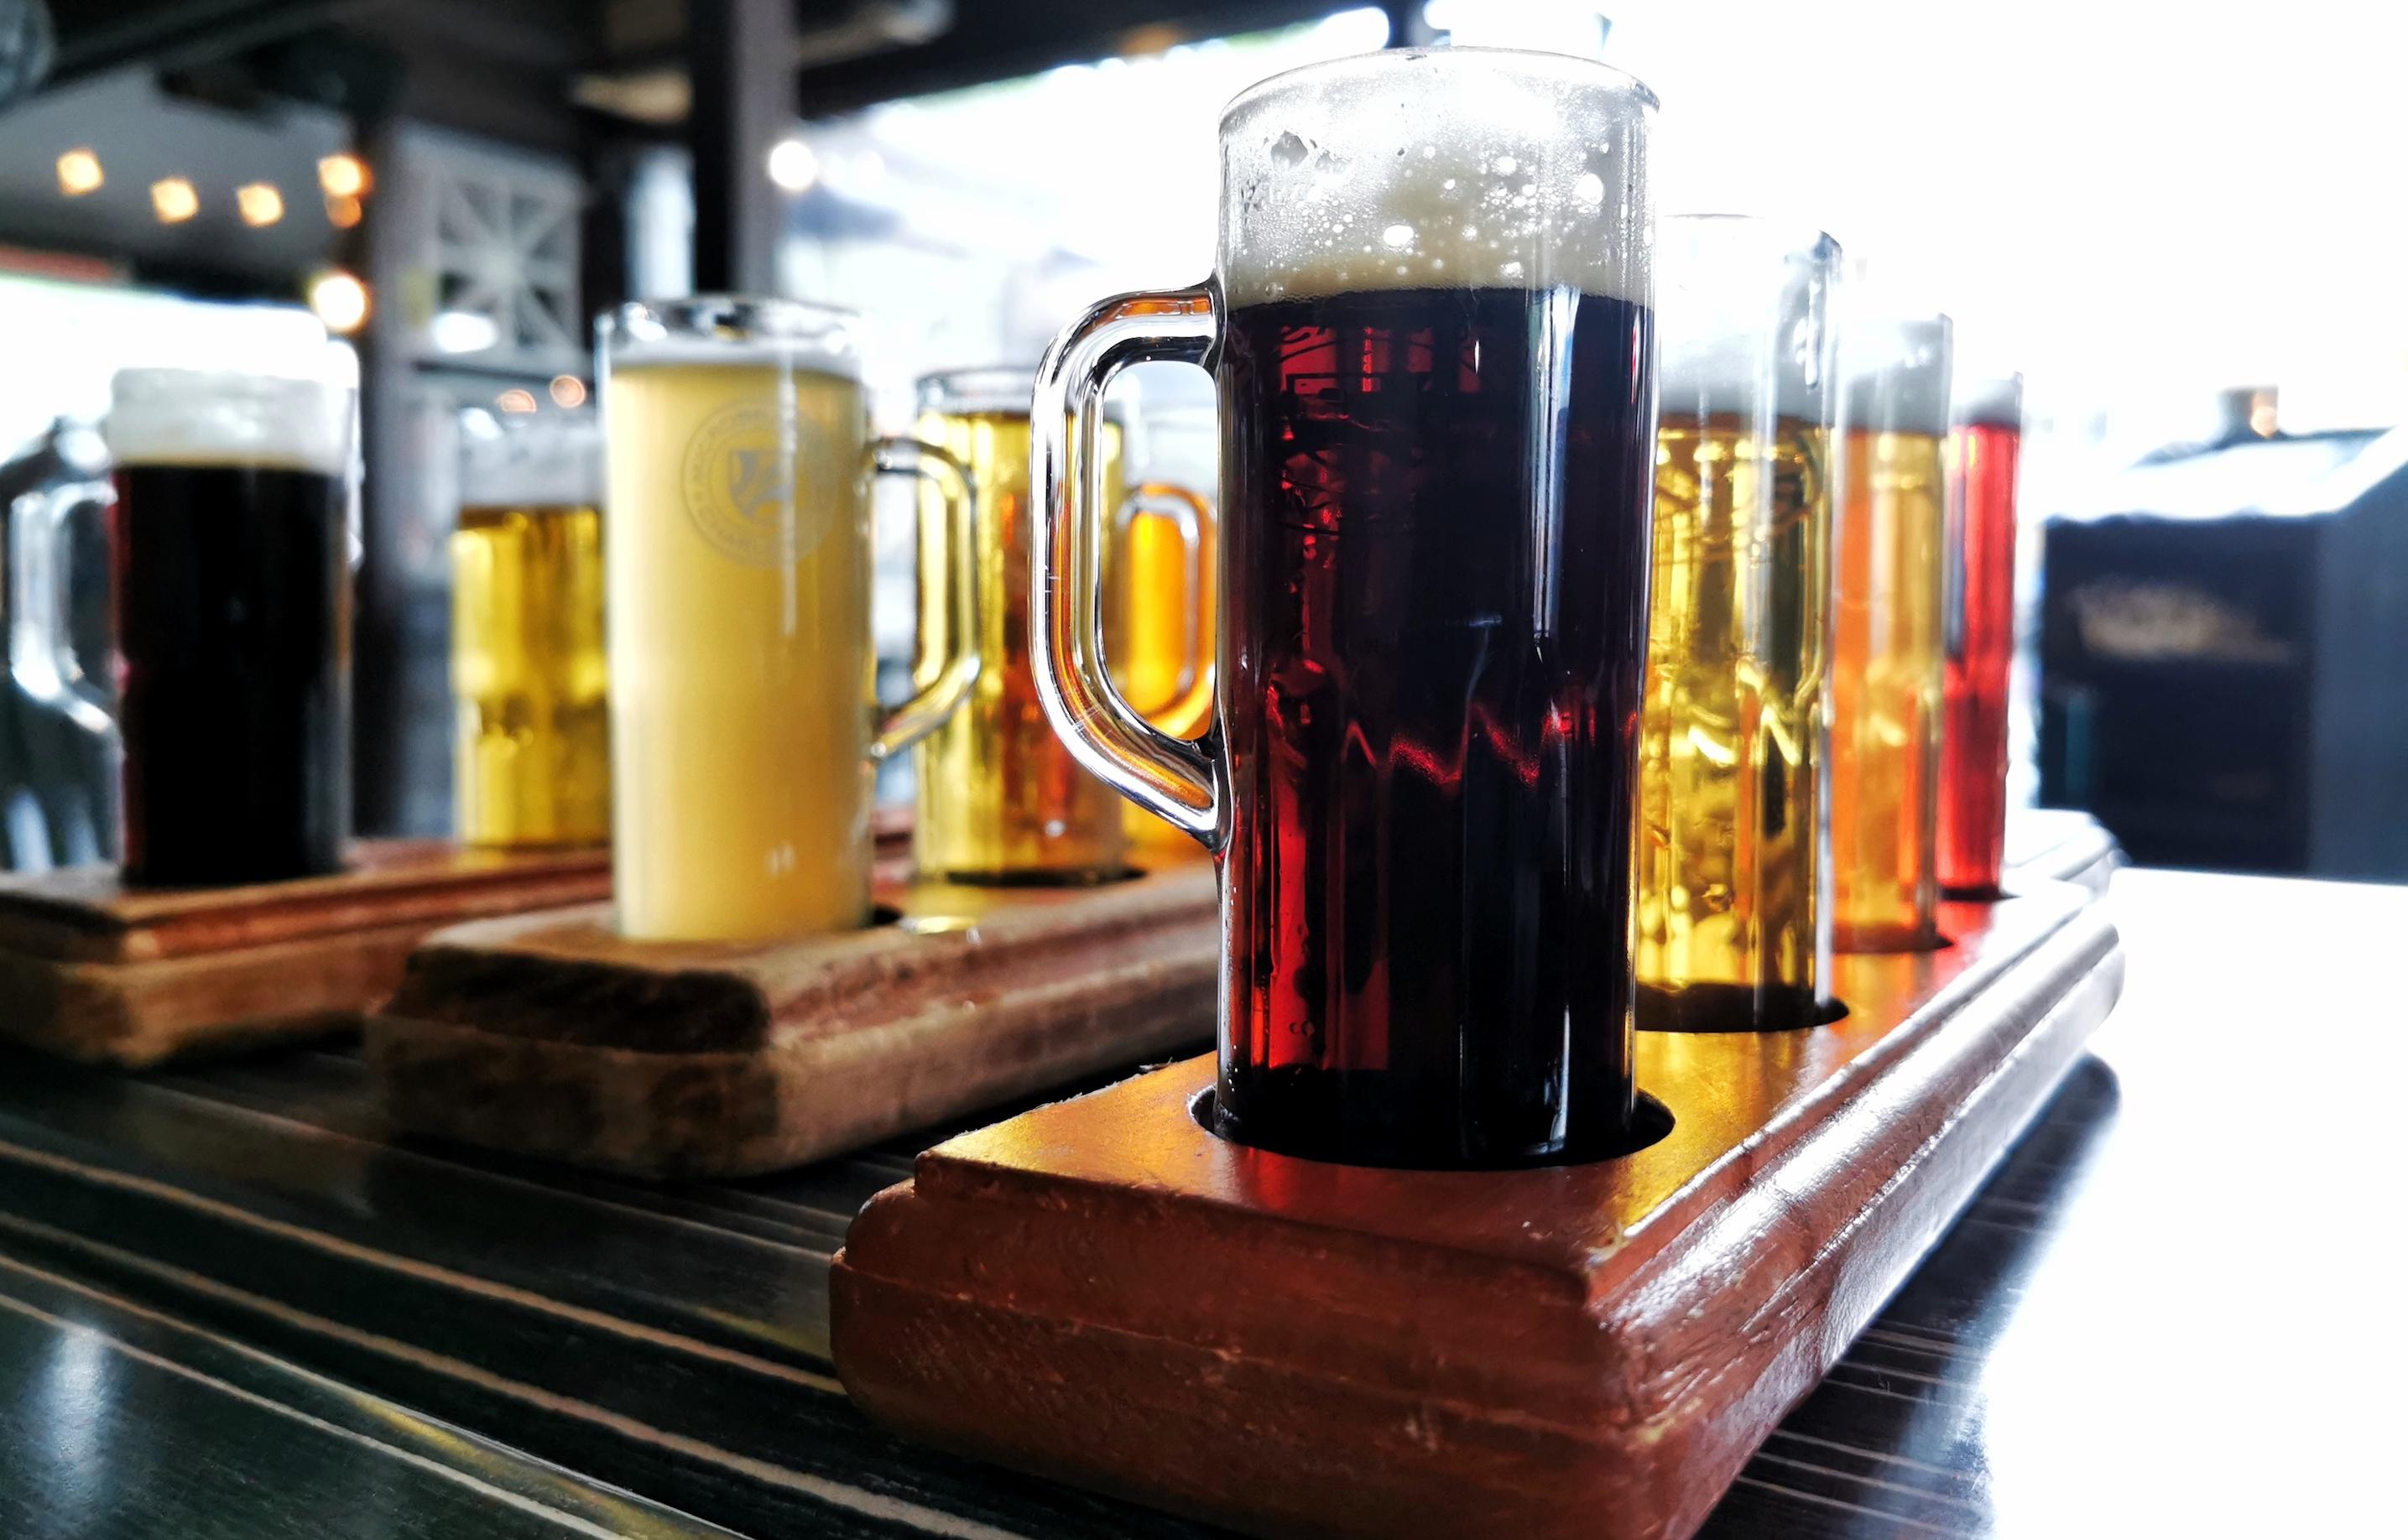 Cervezas artesanales mexicanas para celebrar el mes del Orgullo LGBT+